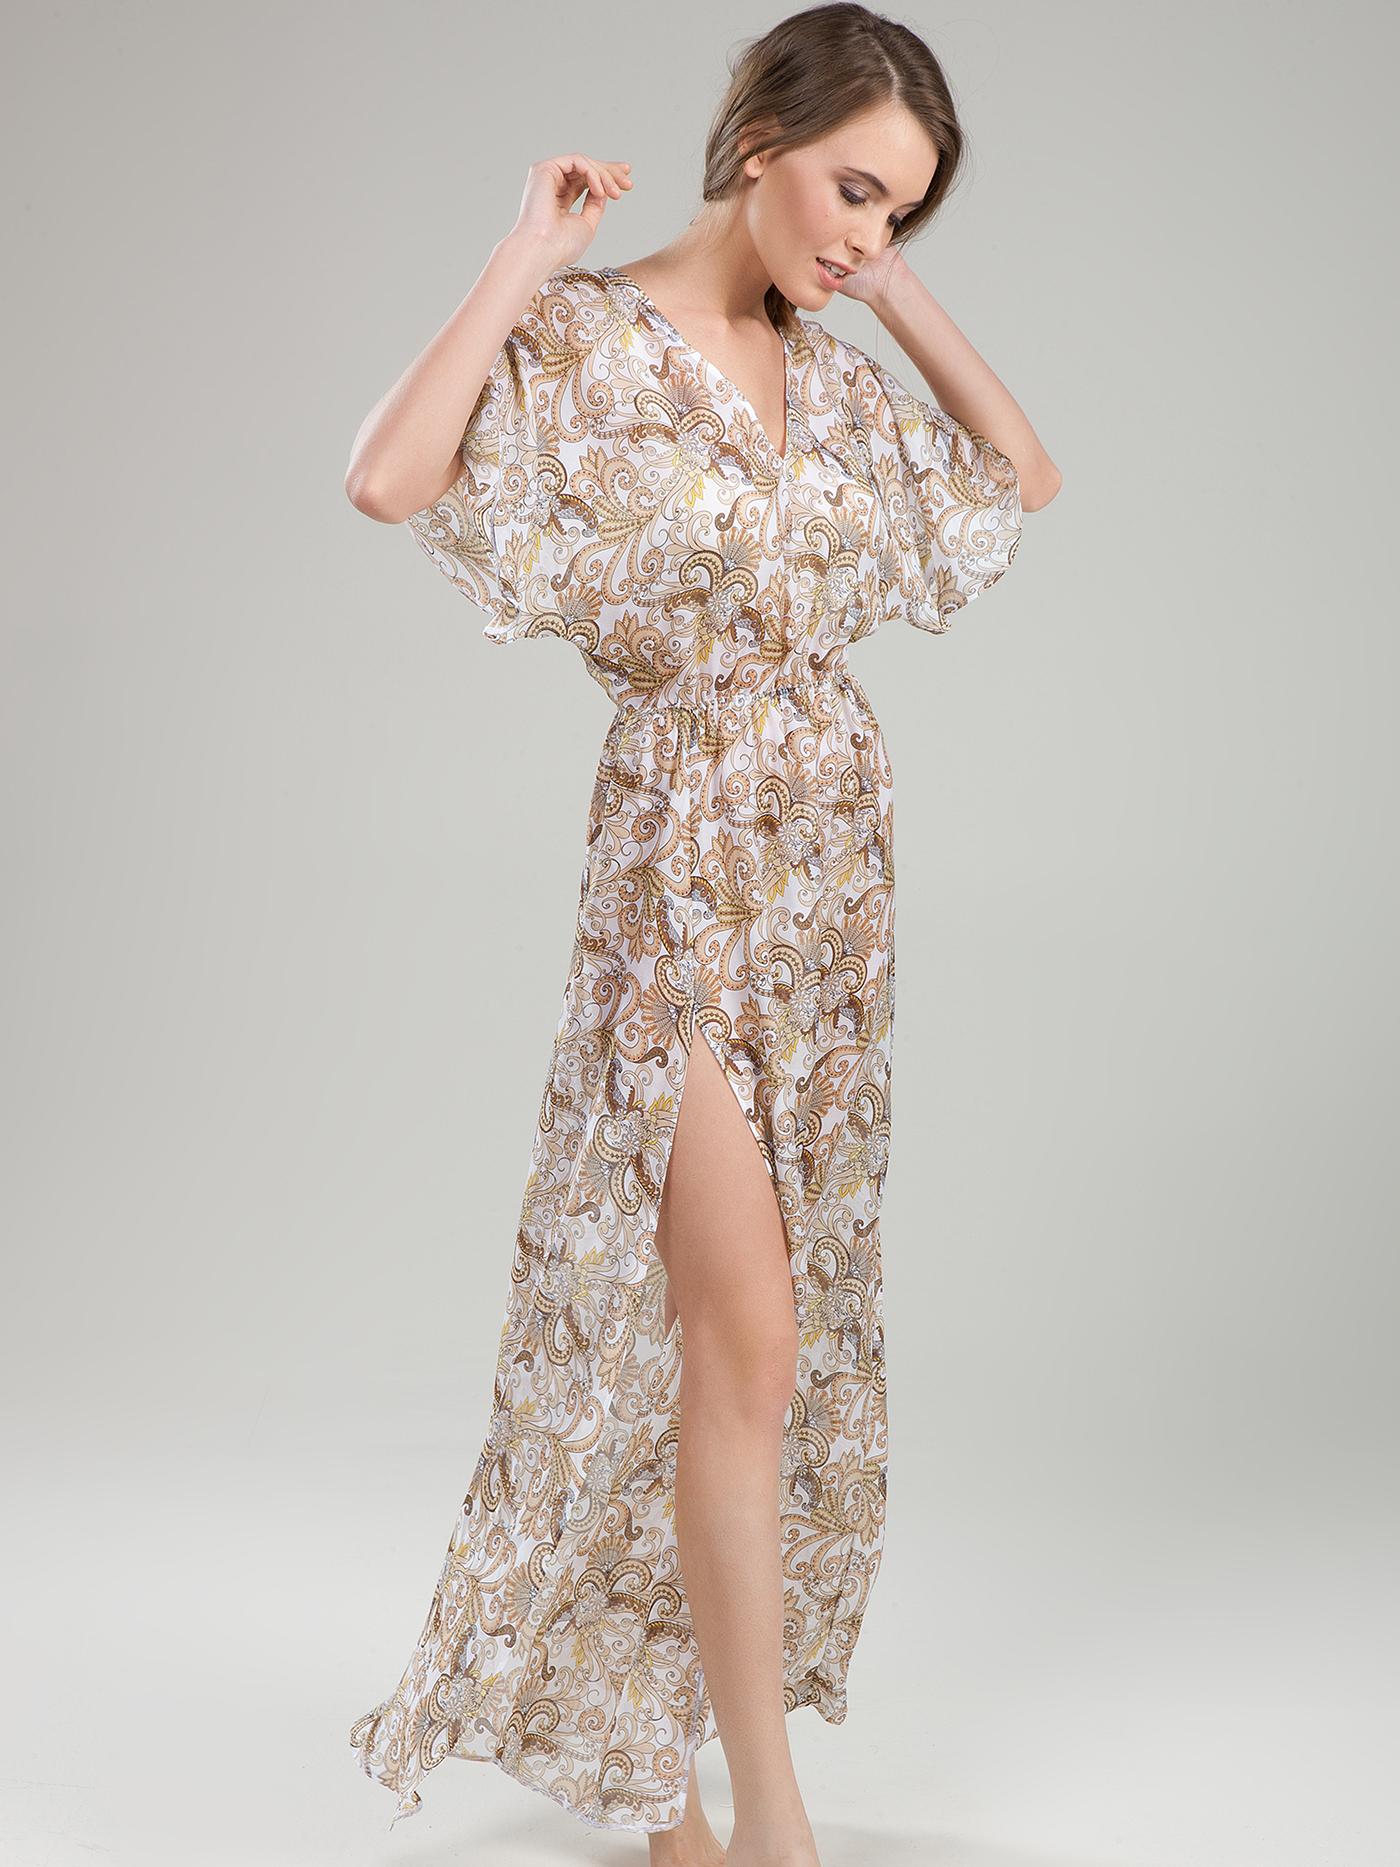 Платье croisette blue romance beachБюстье<br>платье<br><br>Цвет: Принт пейсли белый<br>Декор: Без декора<br>Стилистика: Без стилистики<br>Направление: Бюстье<br>Пол: Женский<br>Материал: 100% ШЕЛК<br>Размер: 1